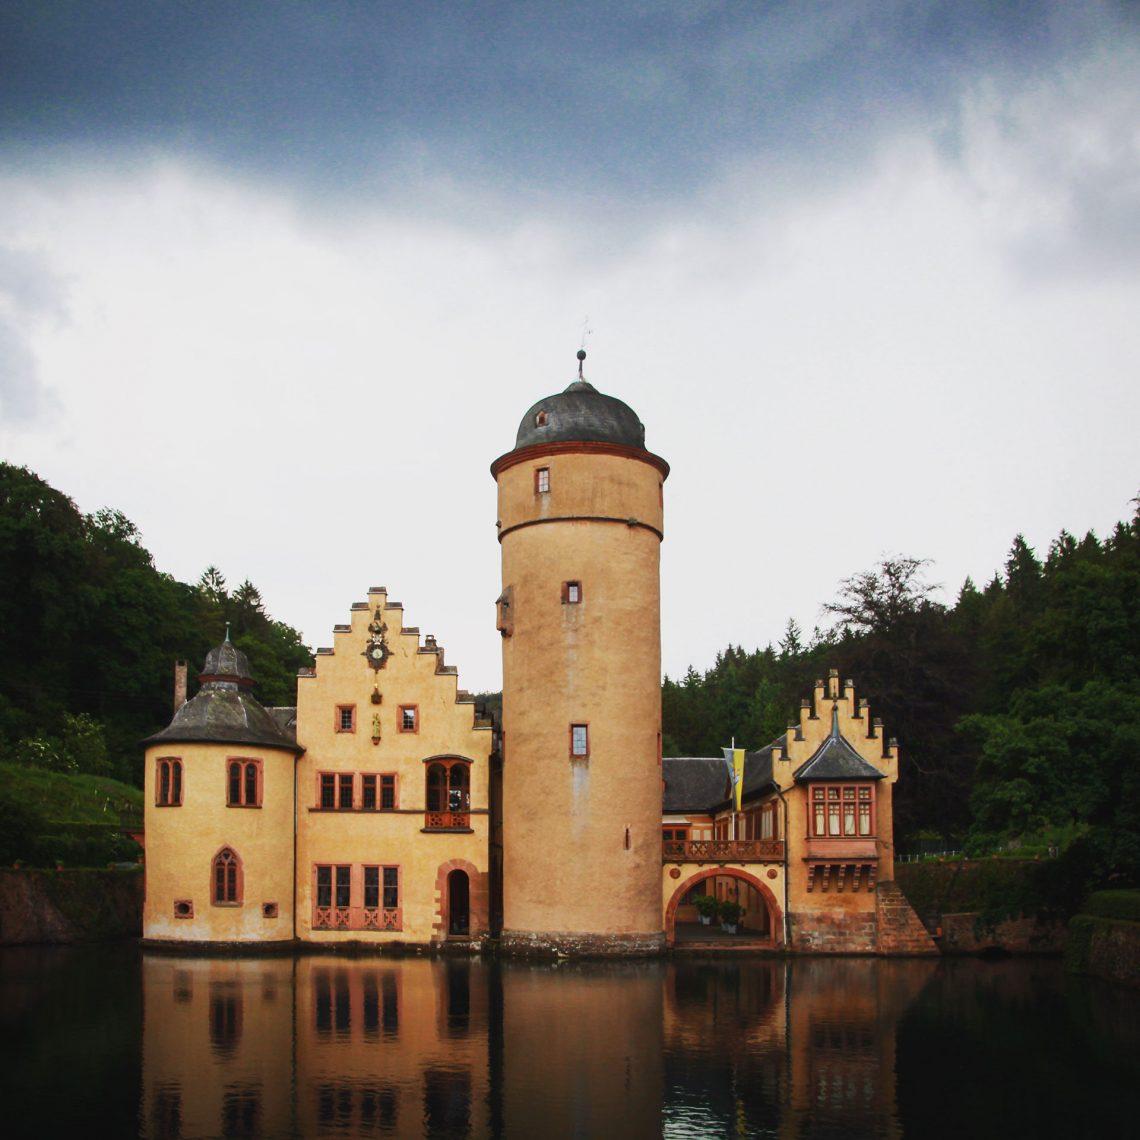 Märchenschloss in Privatbesitz: das Schloss Mespelbrunn.